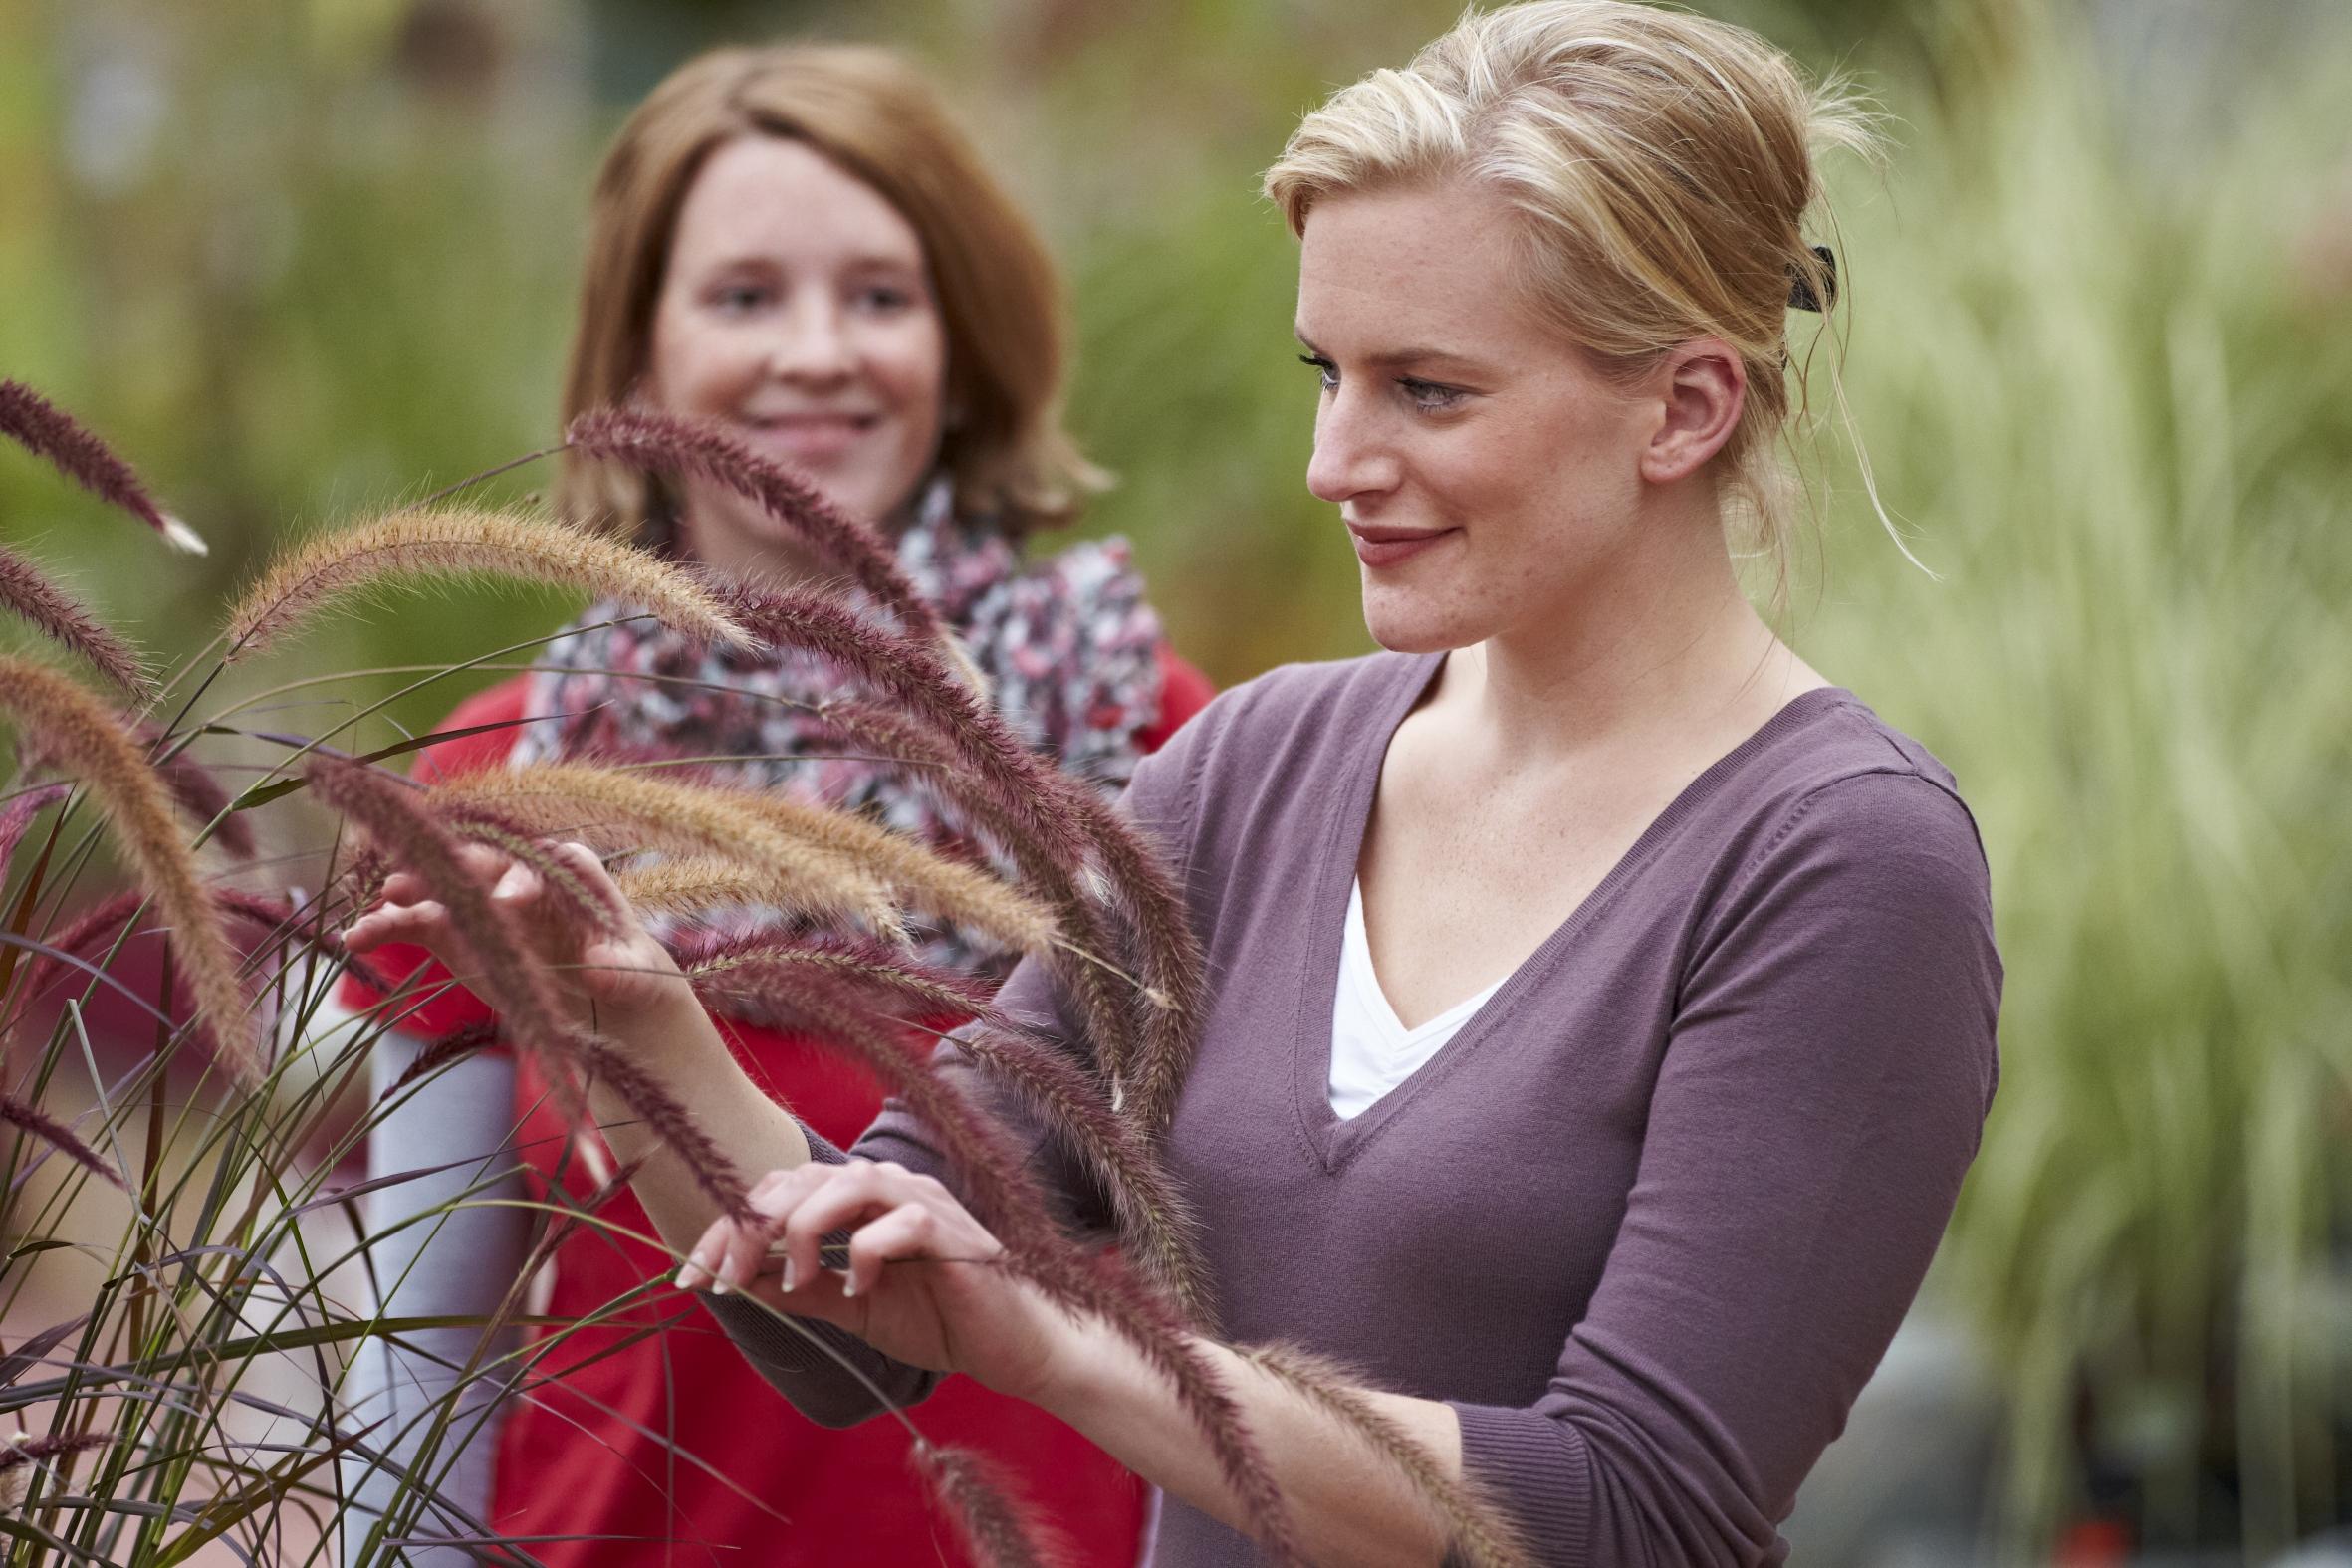 Beruf Gartentherapeut: Ein Herz für Pflanzen und Menschen